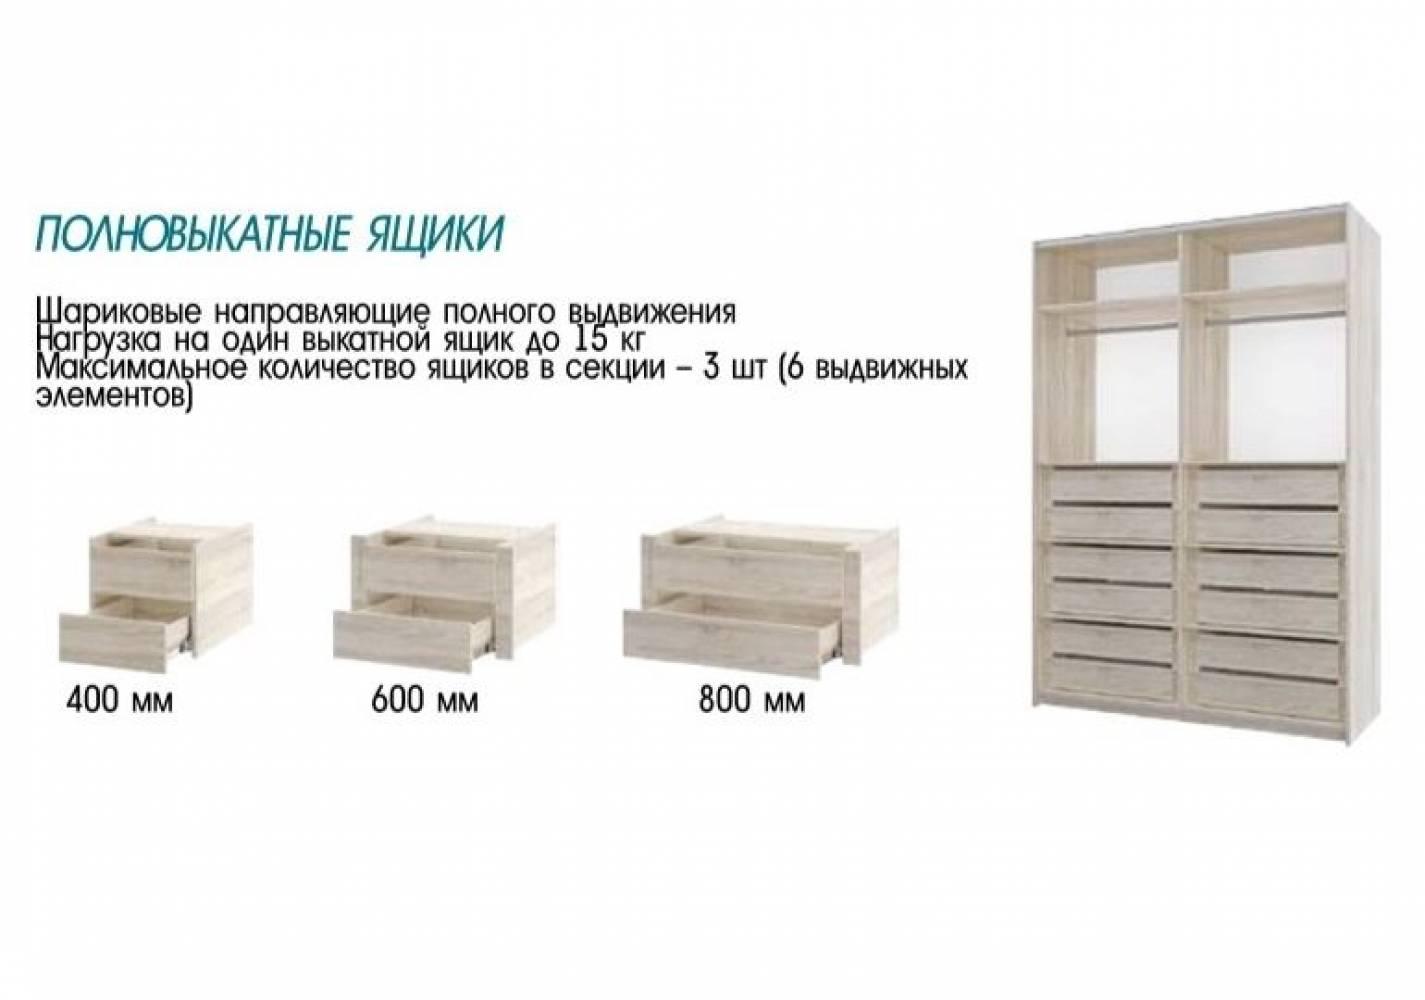 Шкаф Фортуна-6 (1800) 400/400/400/600